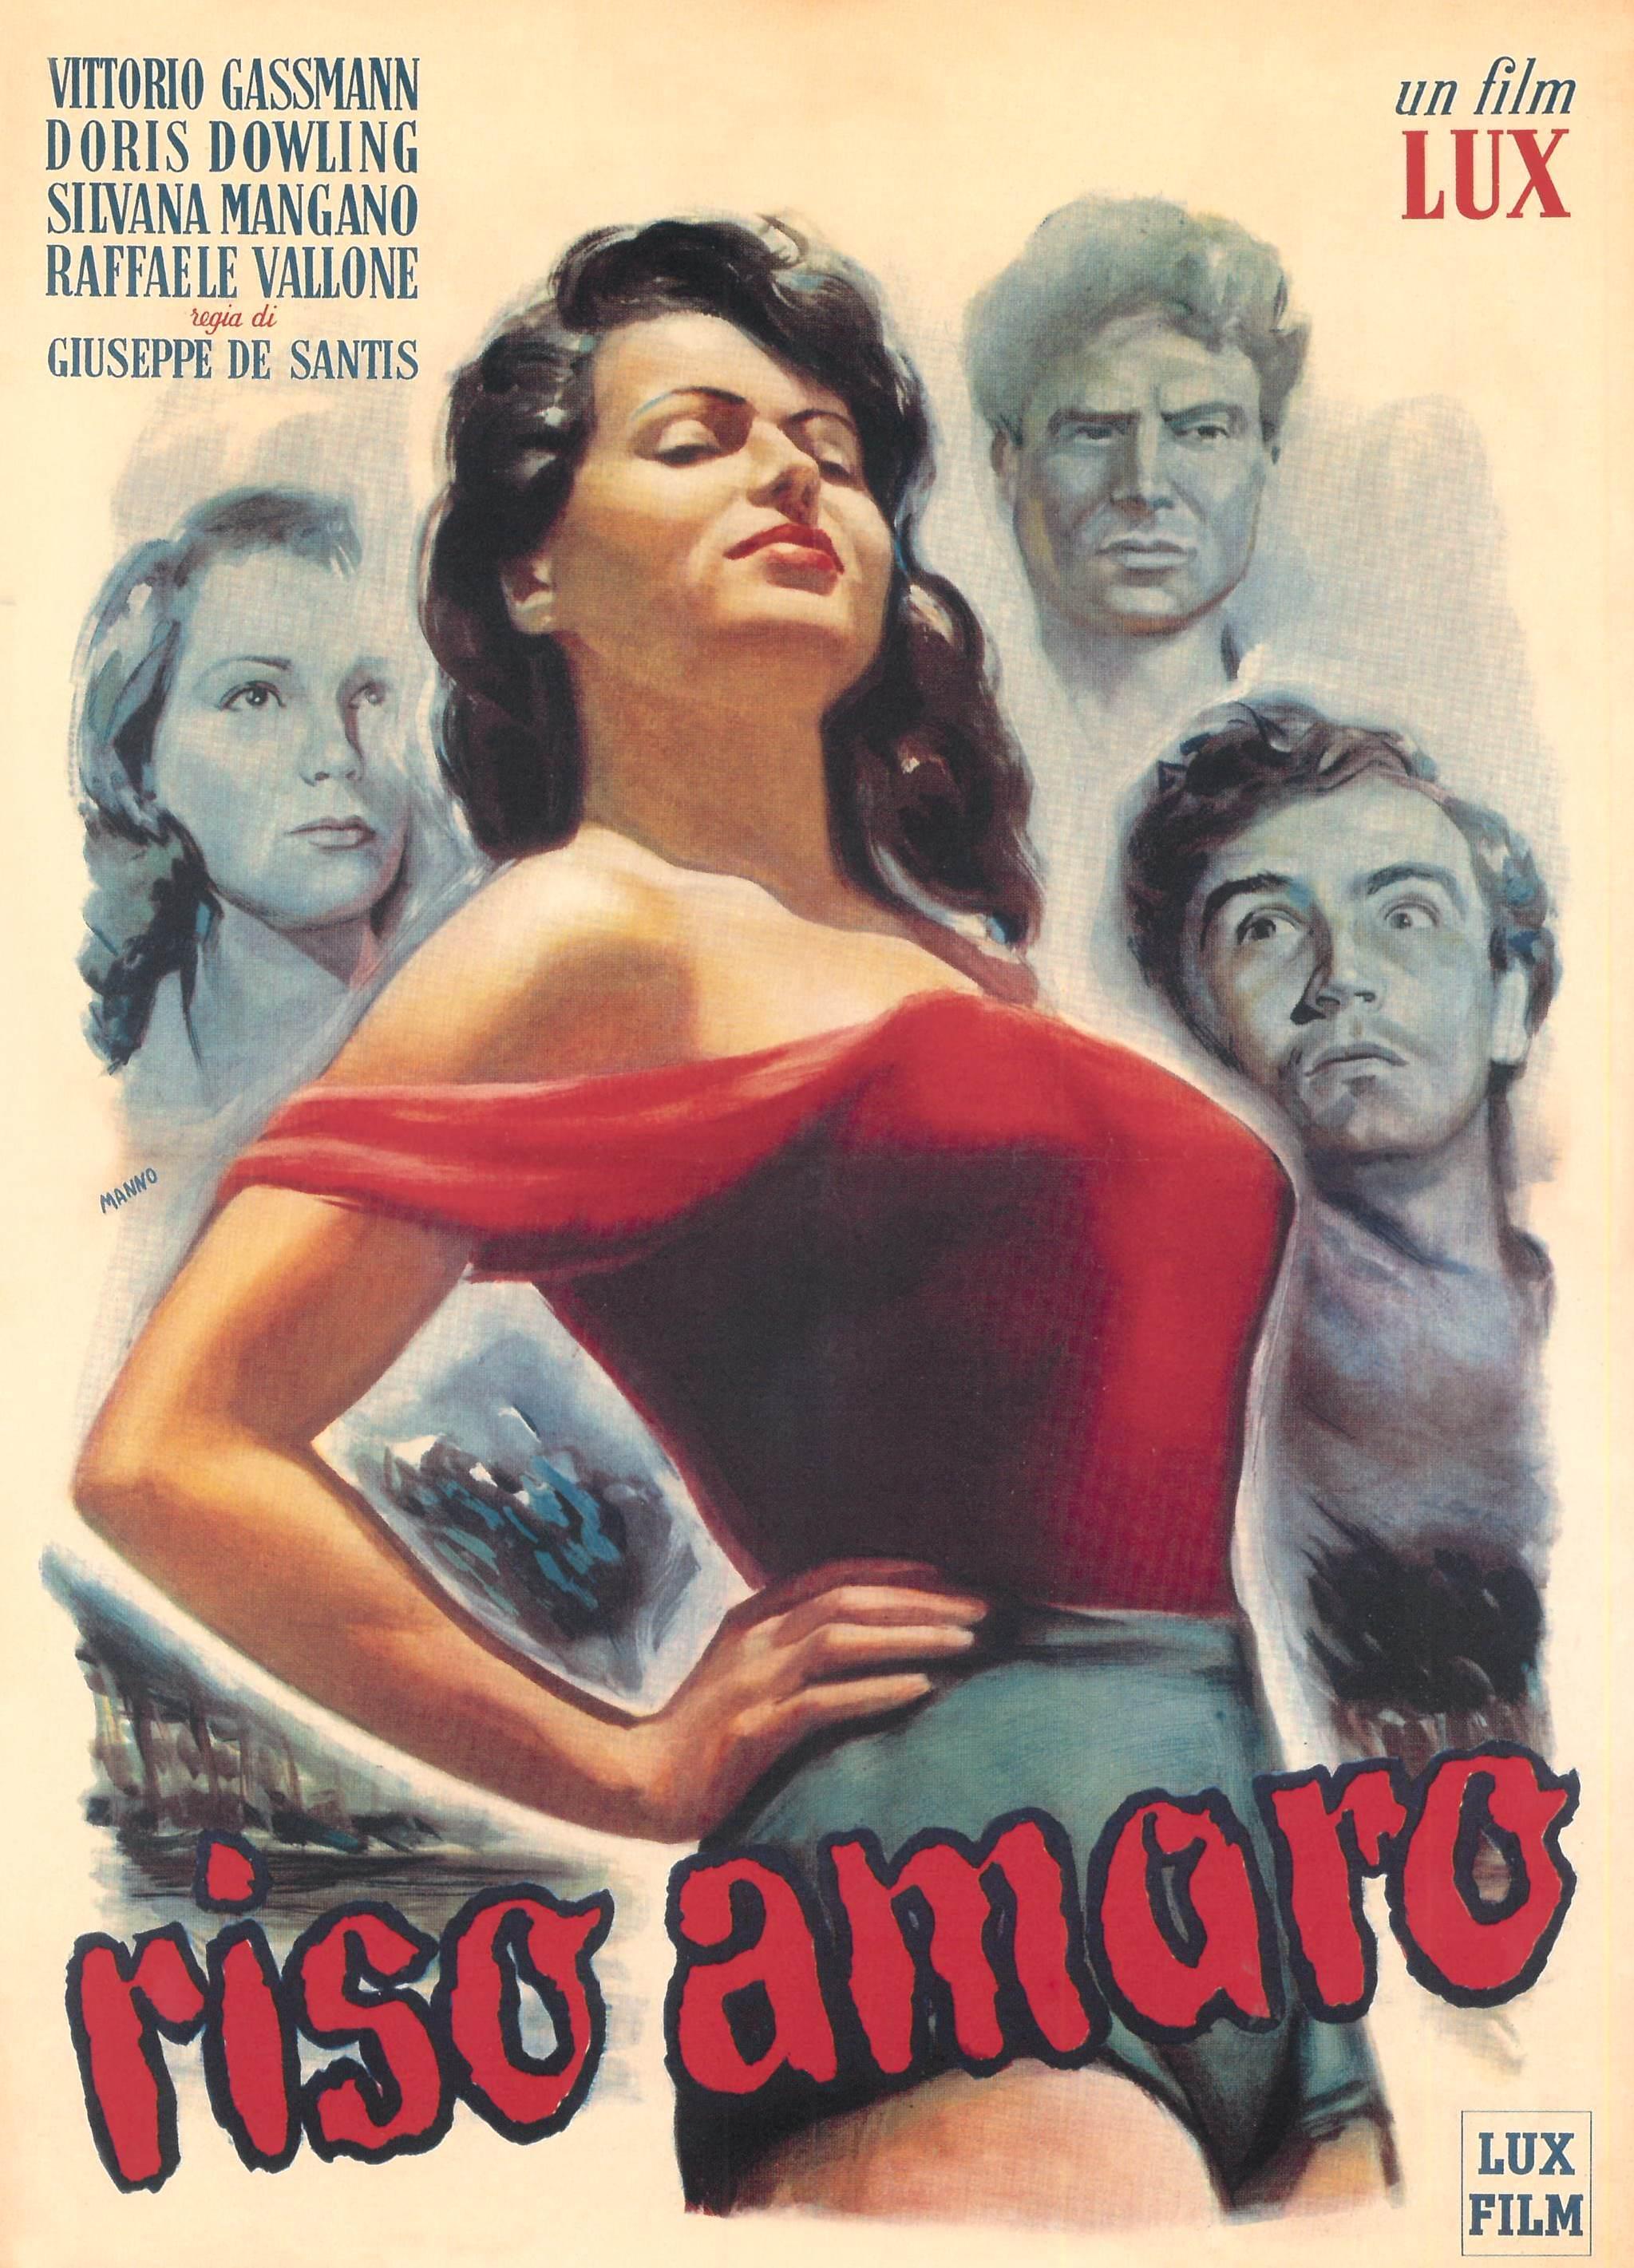 Italia-Film